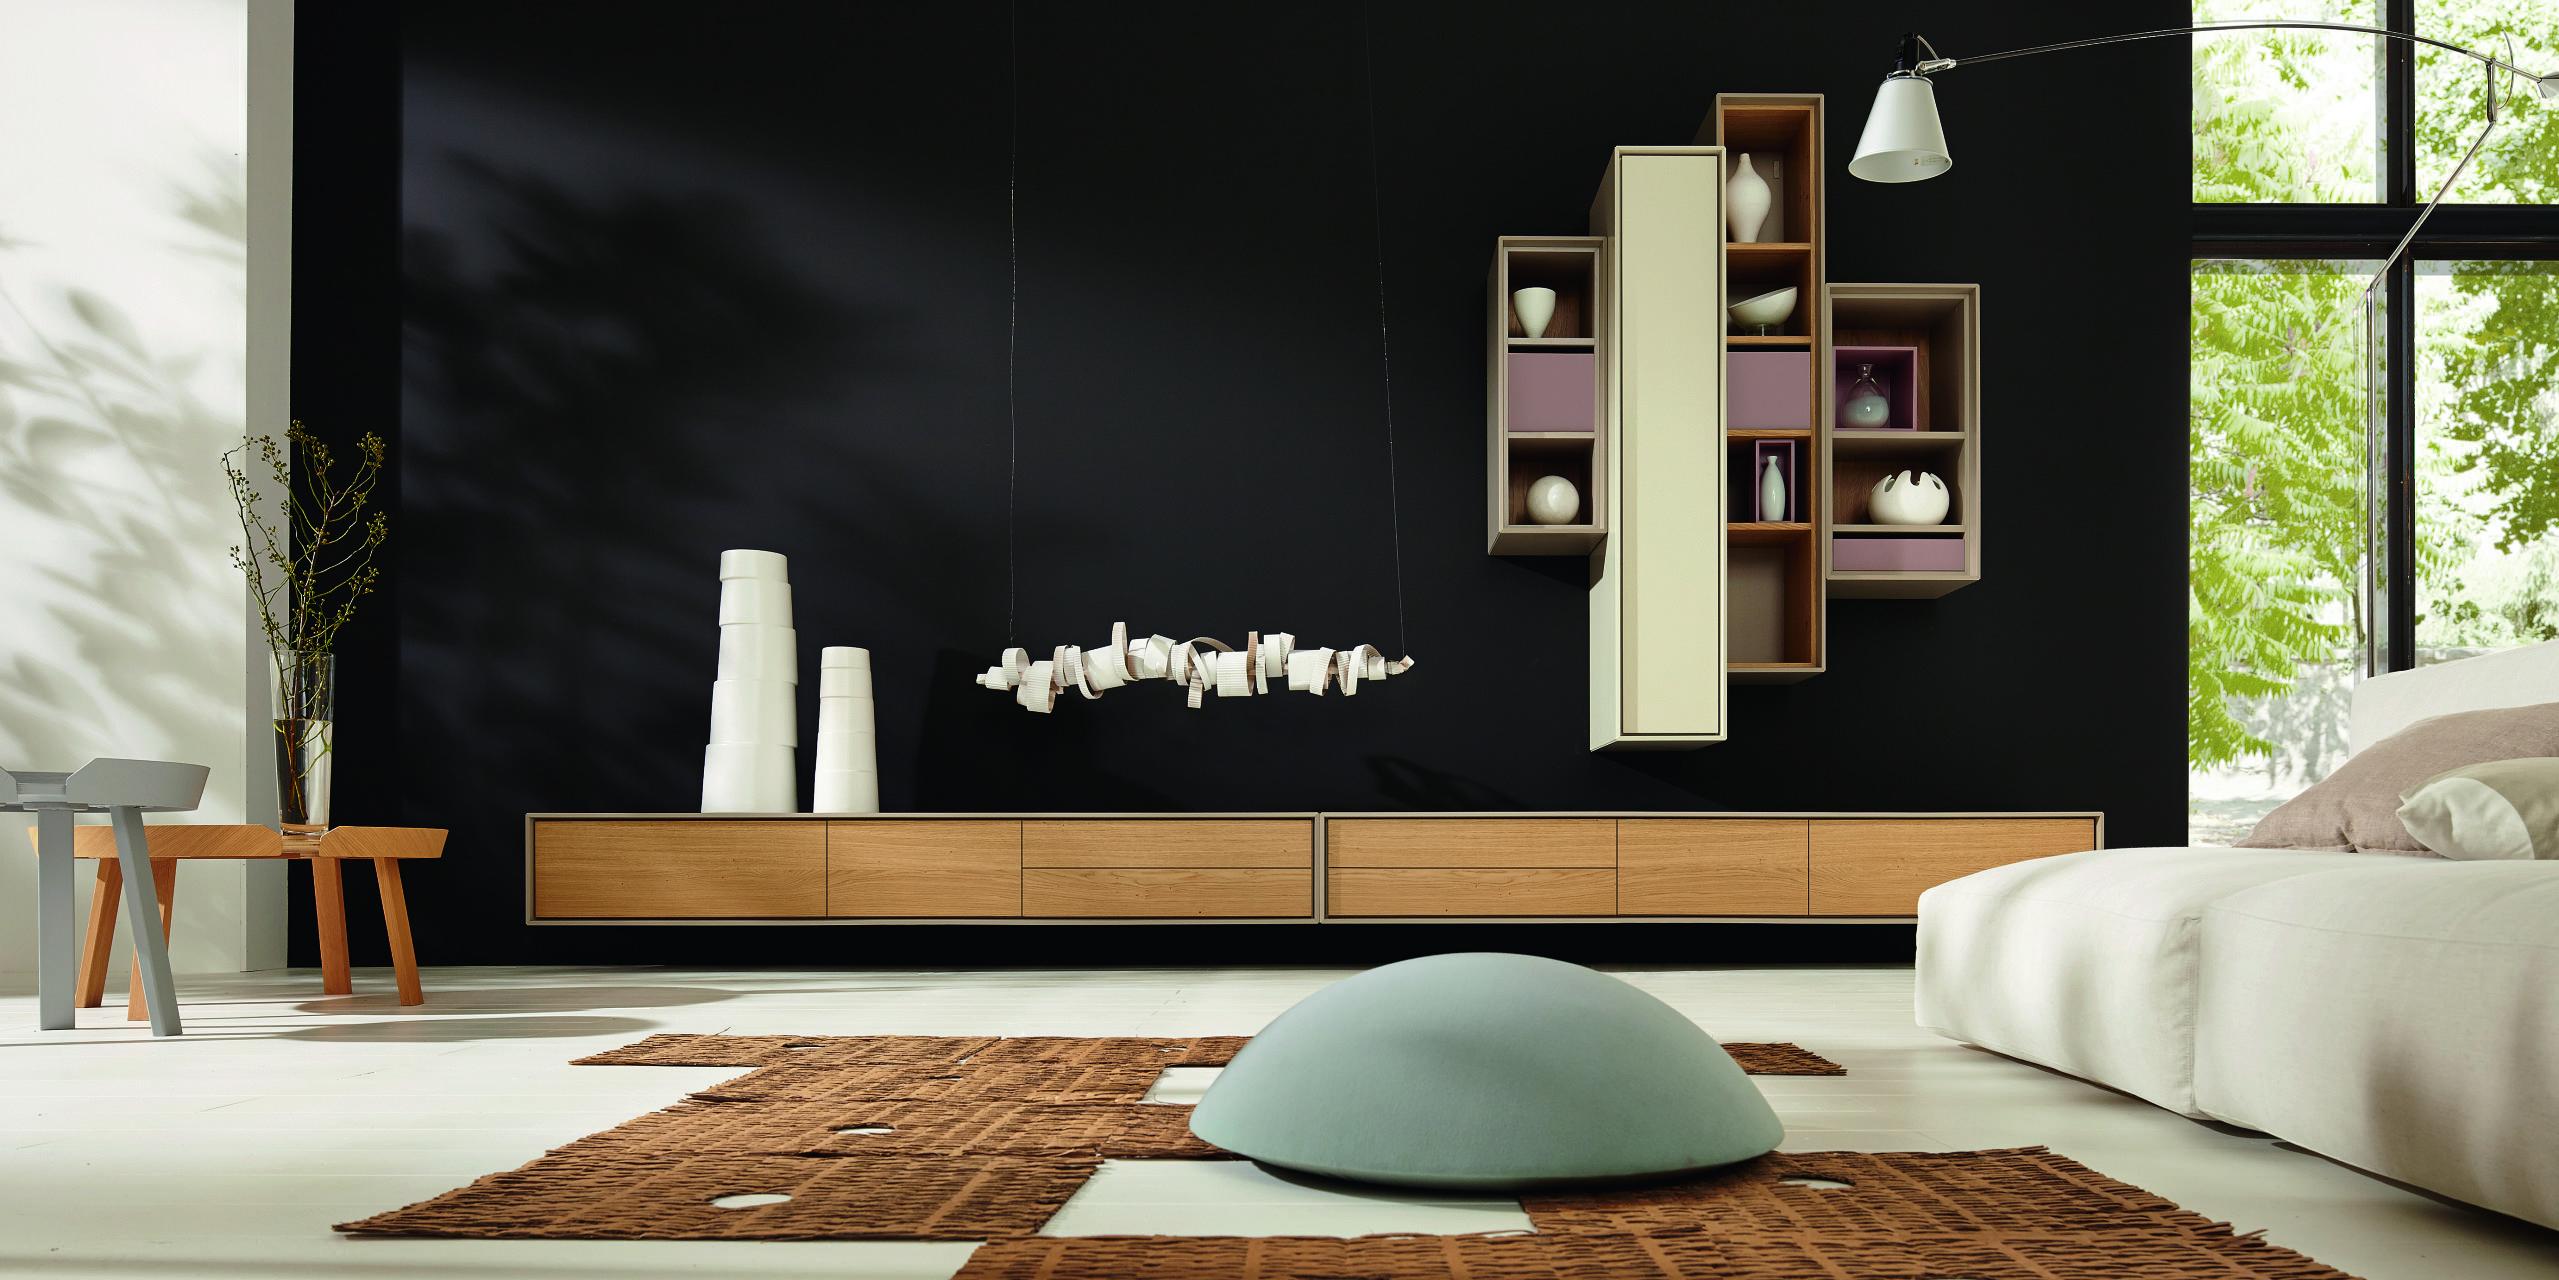 Hülsta möbel wohnzimmer  hülsta möbel fürs wohnzimmer | ebay. wohnzimmermöbel hülsta ~ die ...